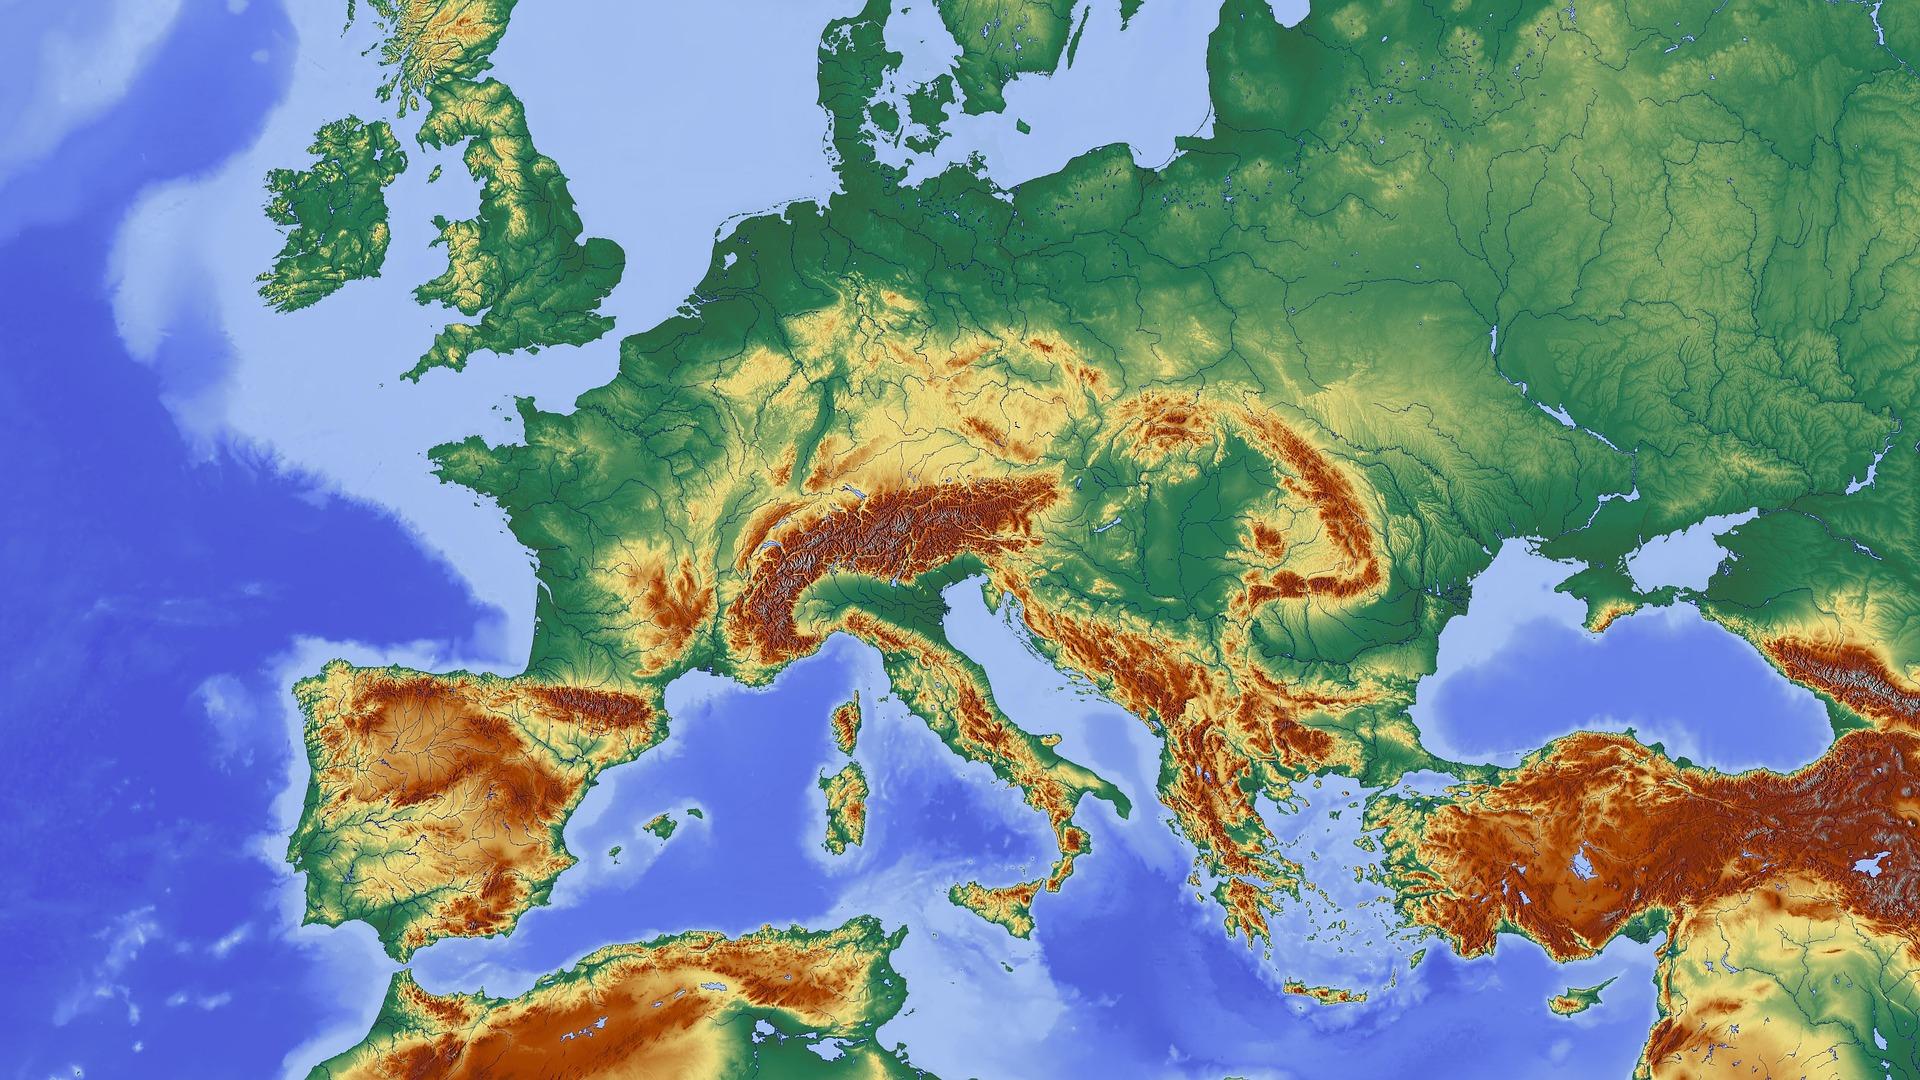 Europe map 1804891 1920